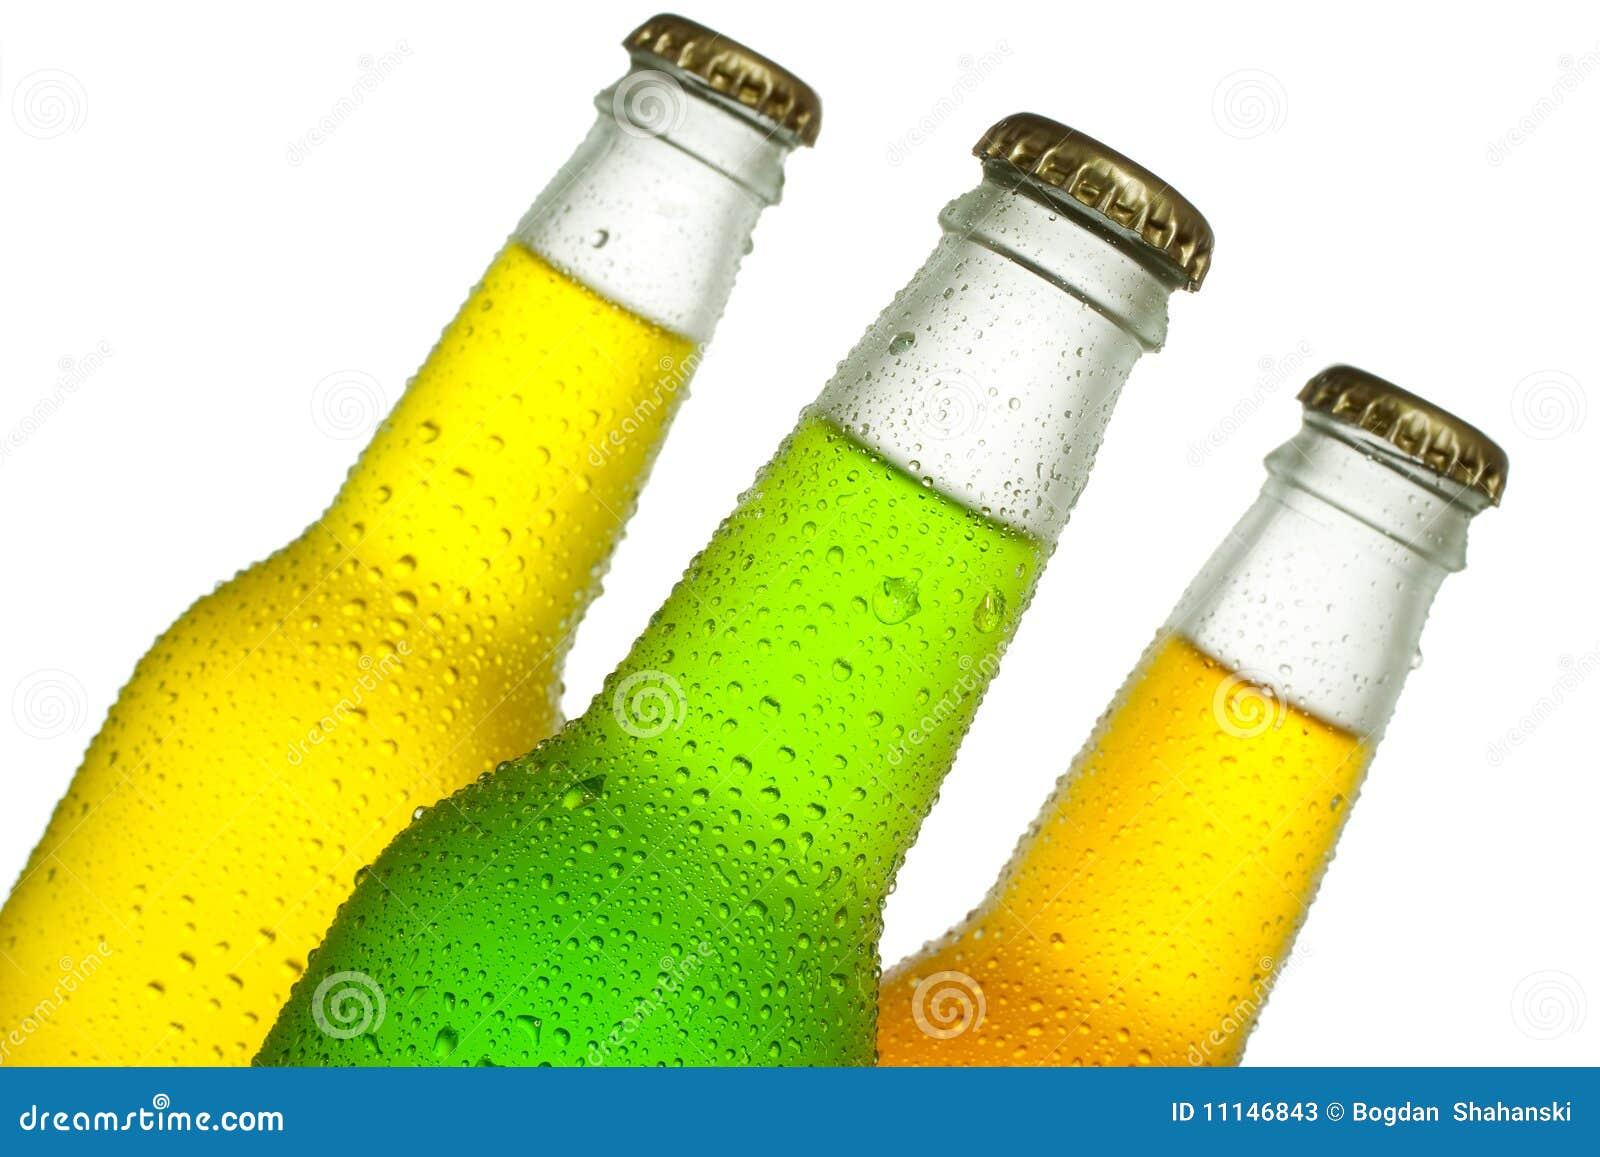 Kalte Getränke stockbild. Bild von hintergrund, tropfen - 11146843